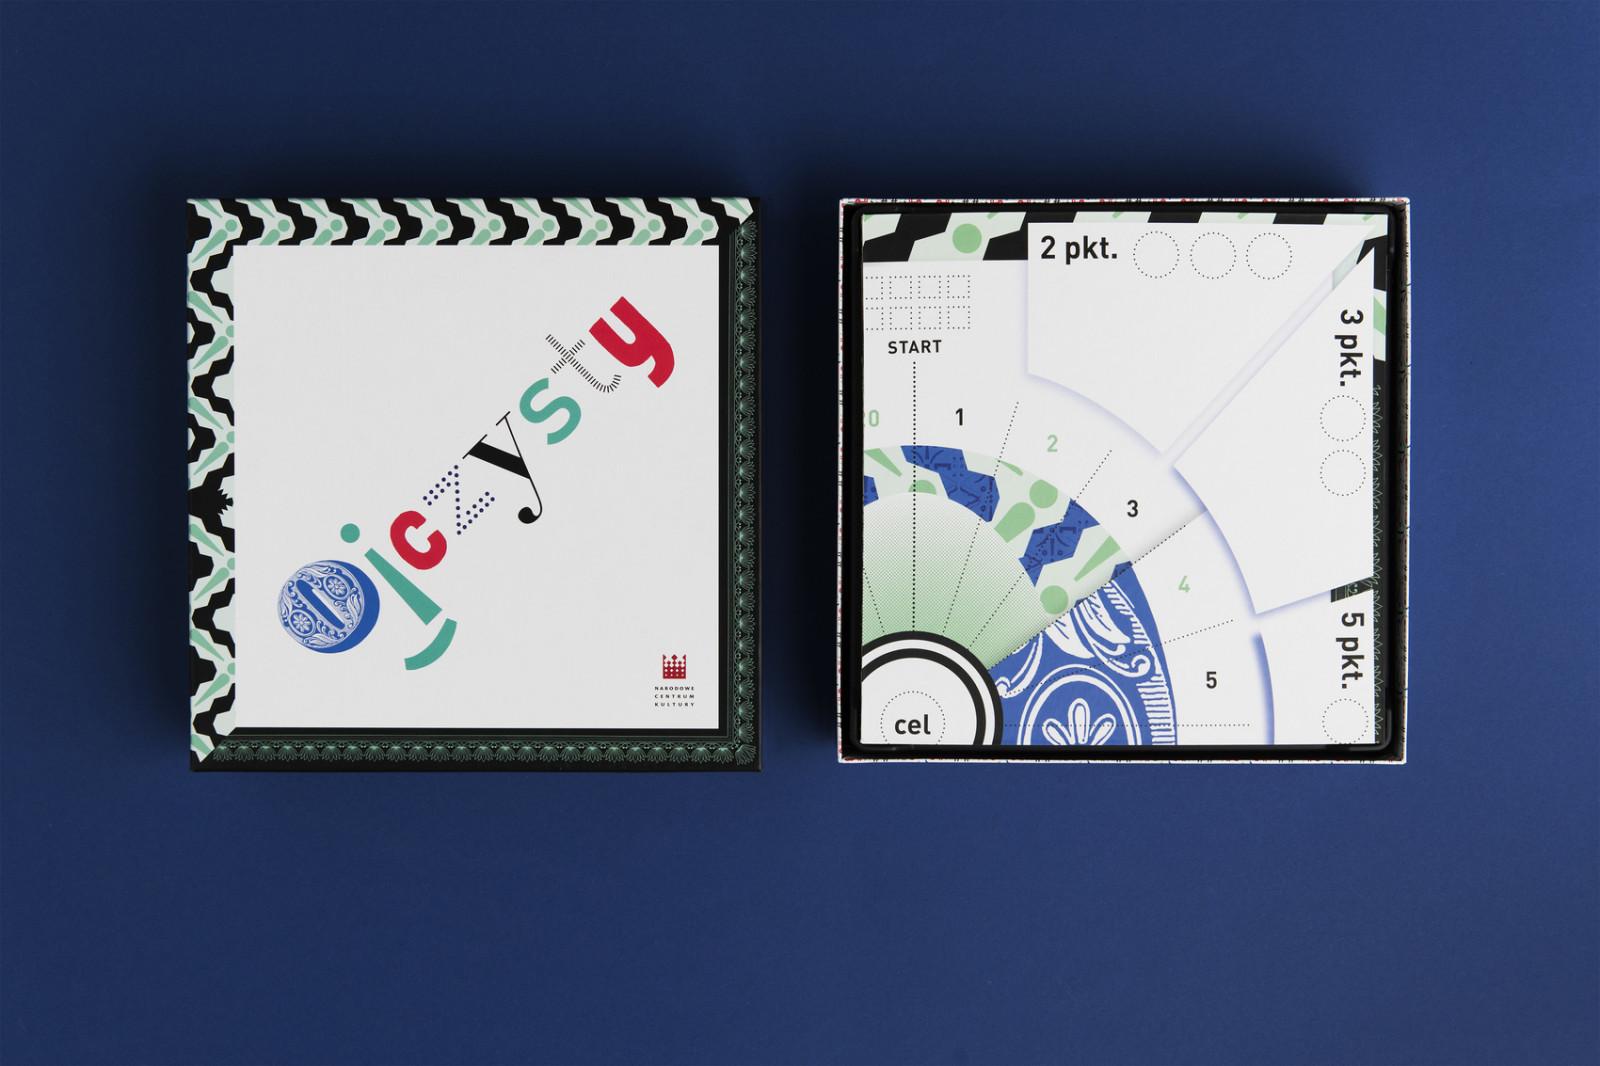 """Górna część pudełka gry leży obok zwiniętej planszy do gry. Okładka gry przedstawia napis: """"ojczysty"""", każda litera jest napisana innym fontem i ma różny kolor."""